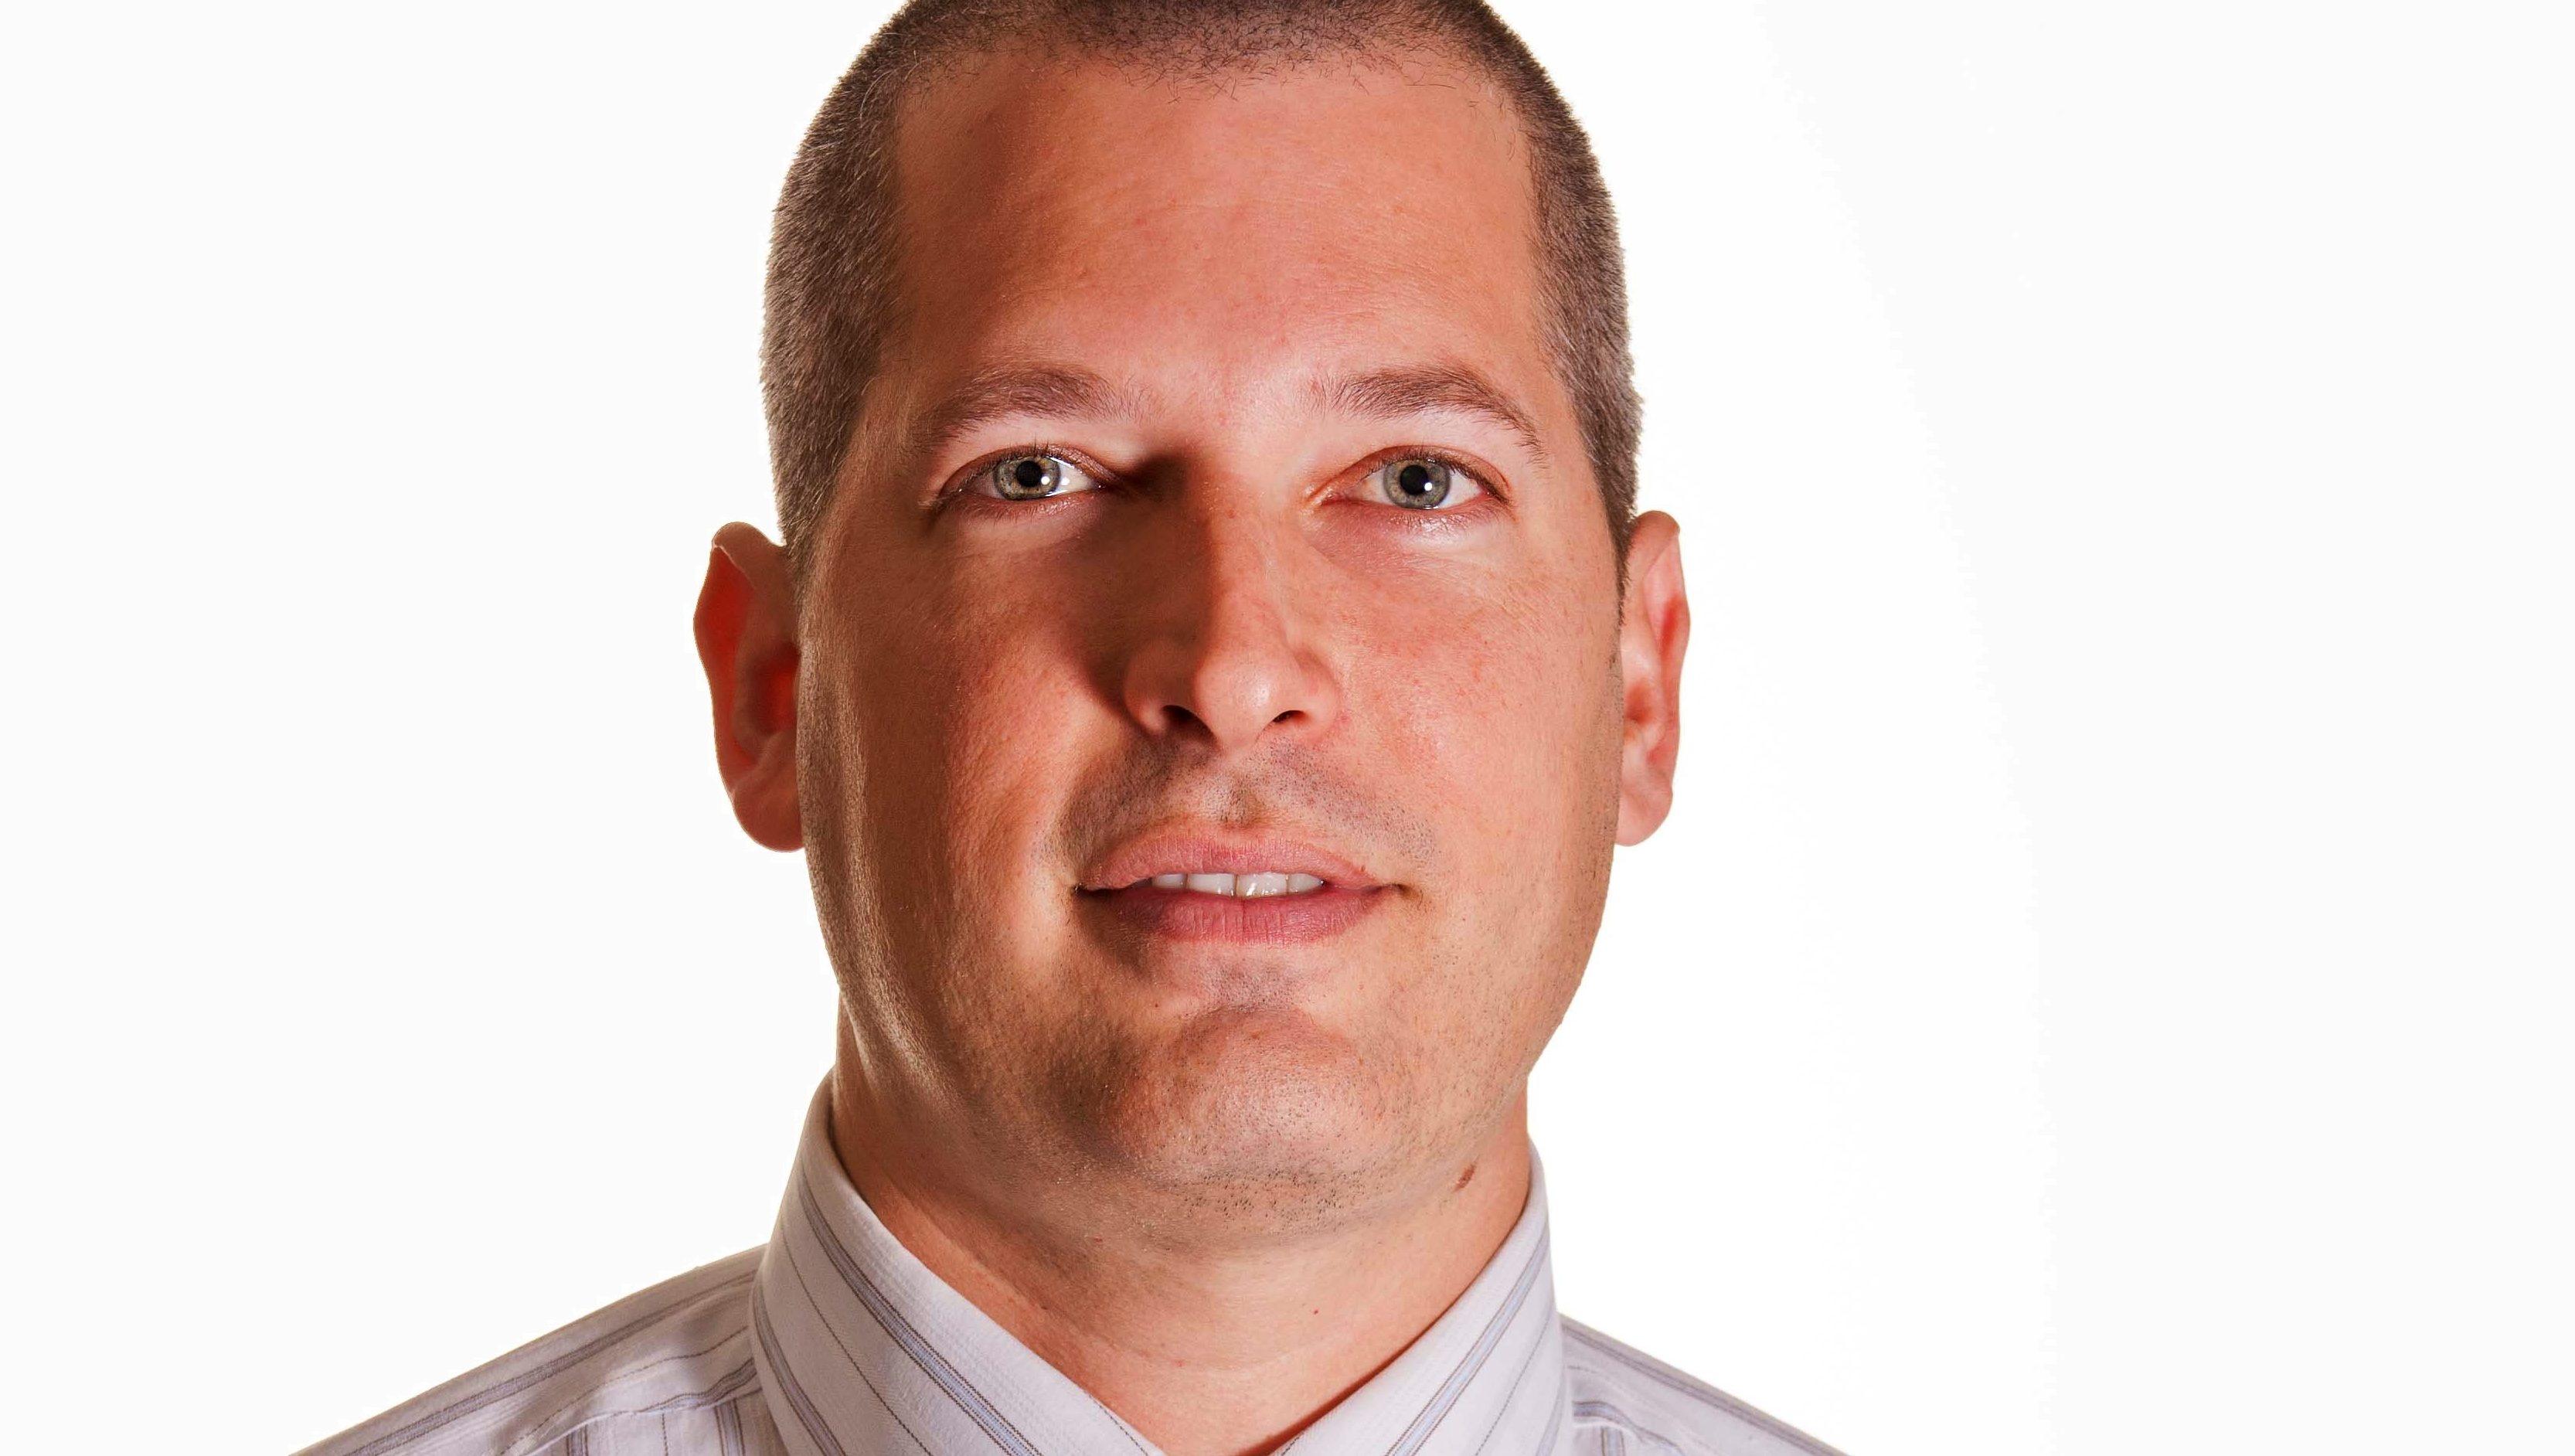 גיא שיקר מונה למנהל מערך יועצים ולקוחות אסטרטגיים בחטיבת הלקוחות של פסגות